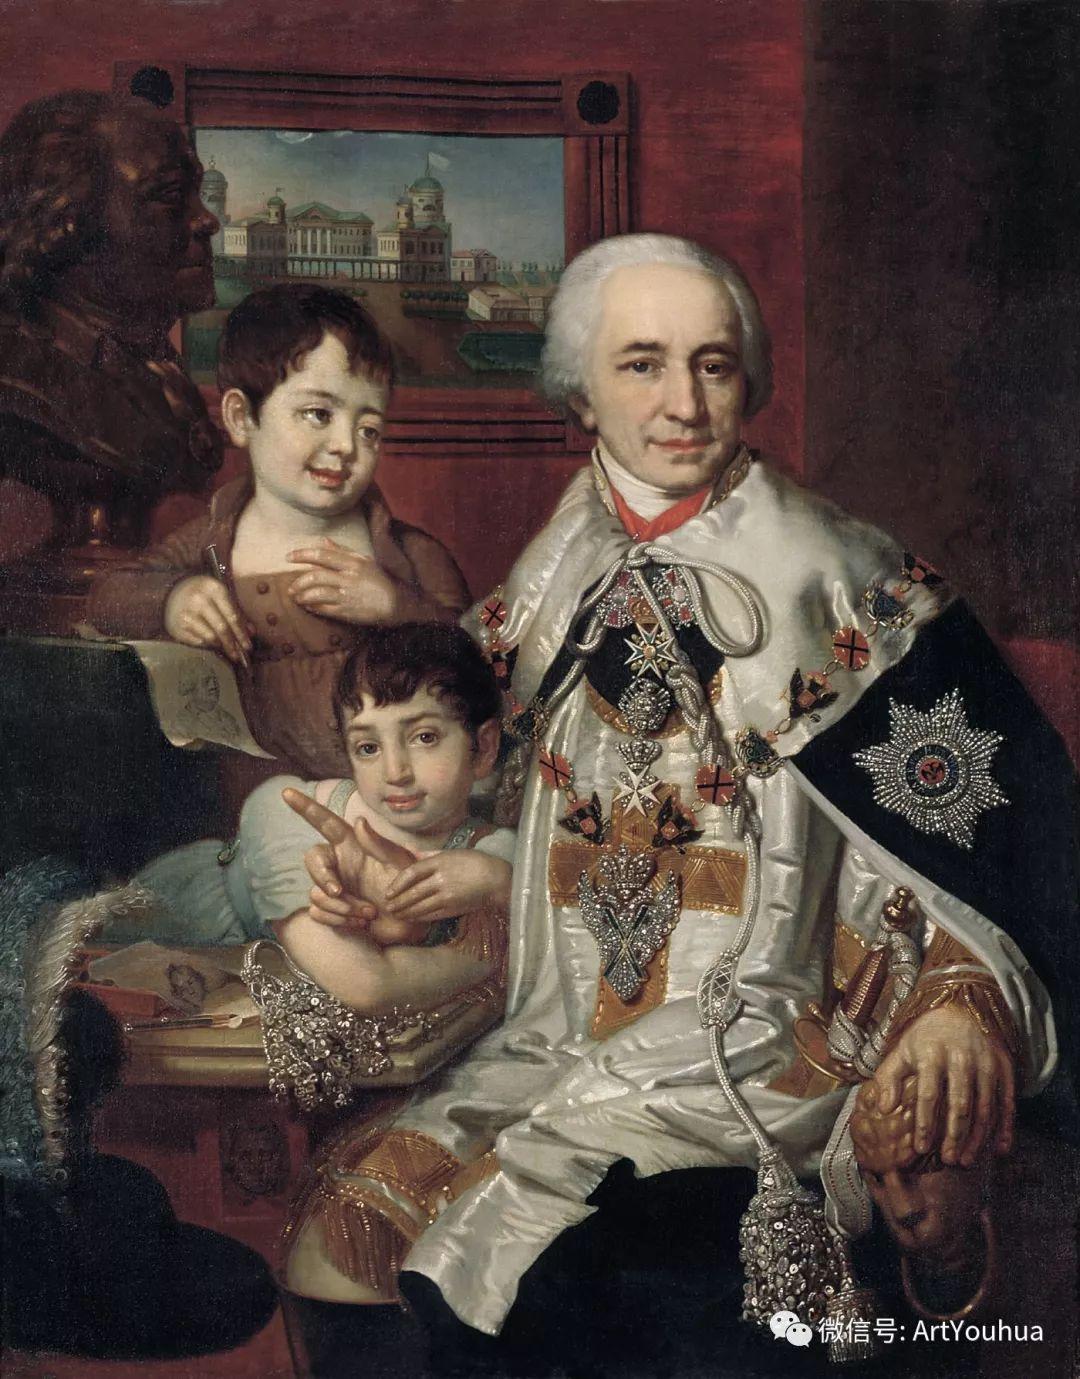 精美古典人物 俄罗斯画家Vladimir Borovikovsky插图83